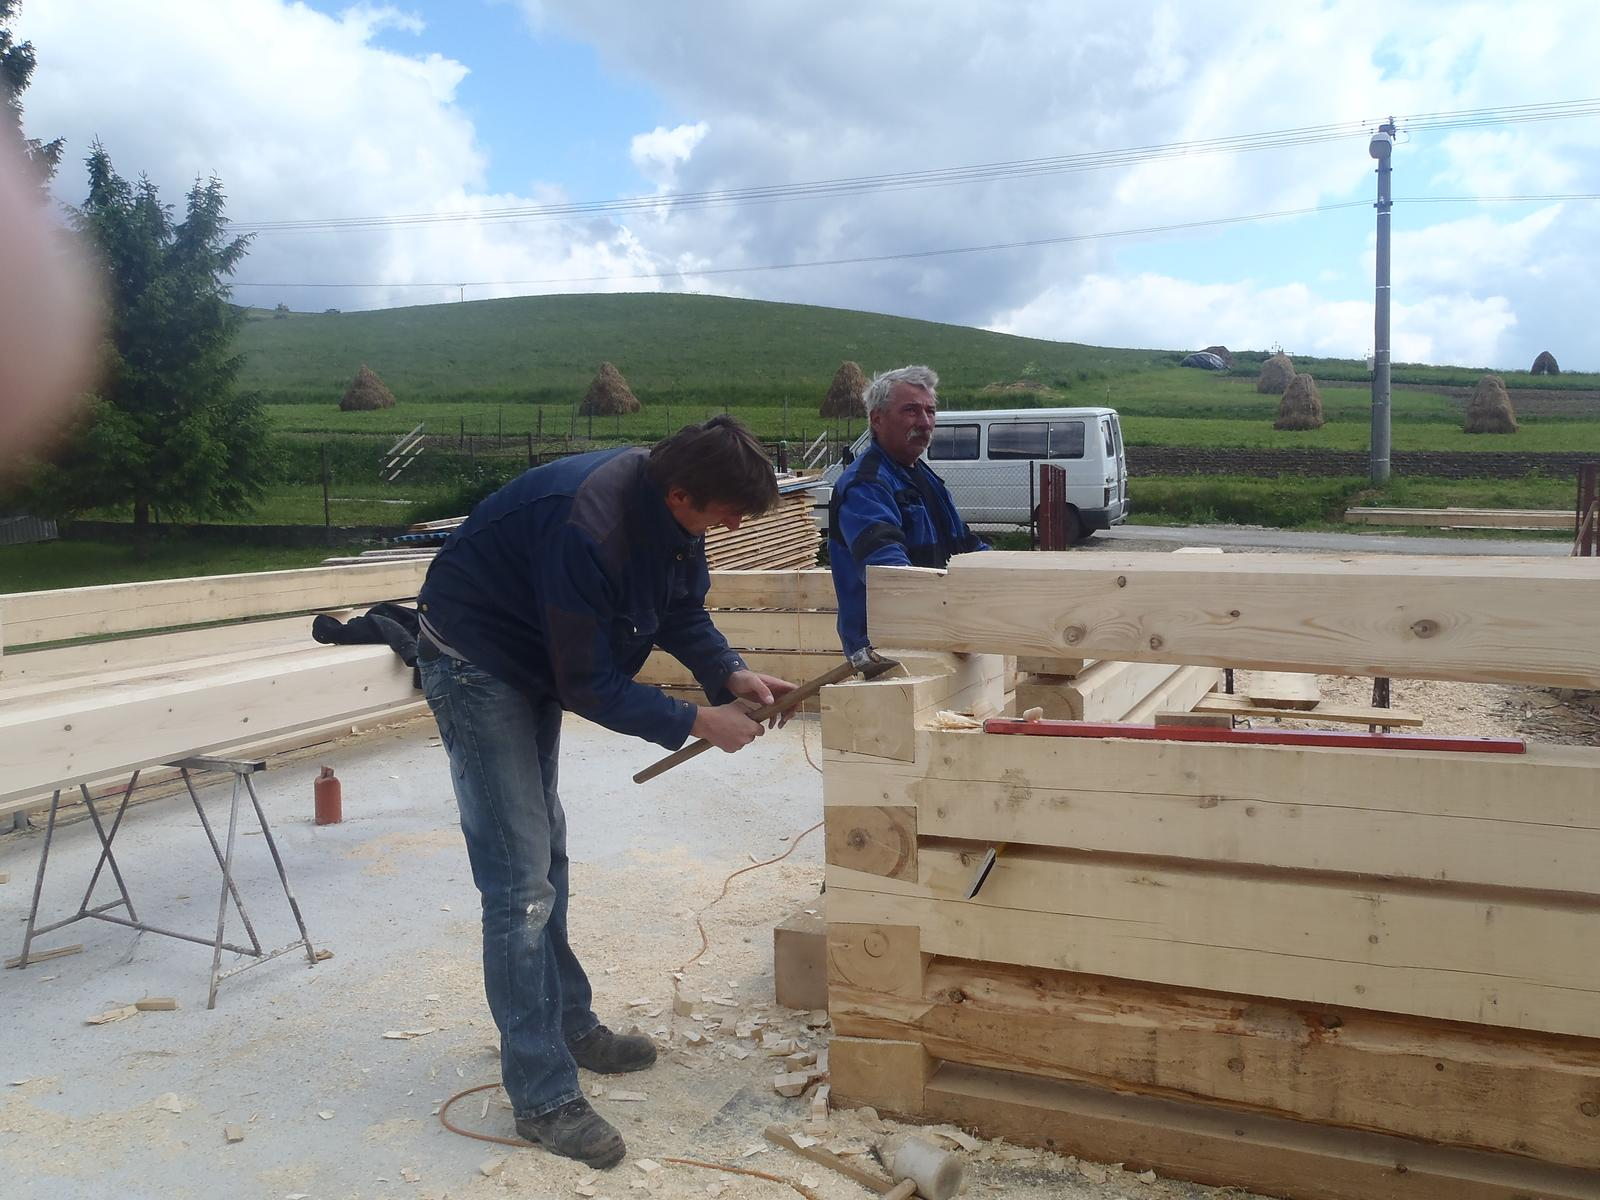 Náš veľký sen o drevenom domčeku! - Obrázok č. 61